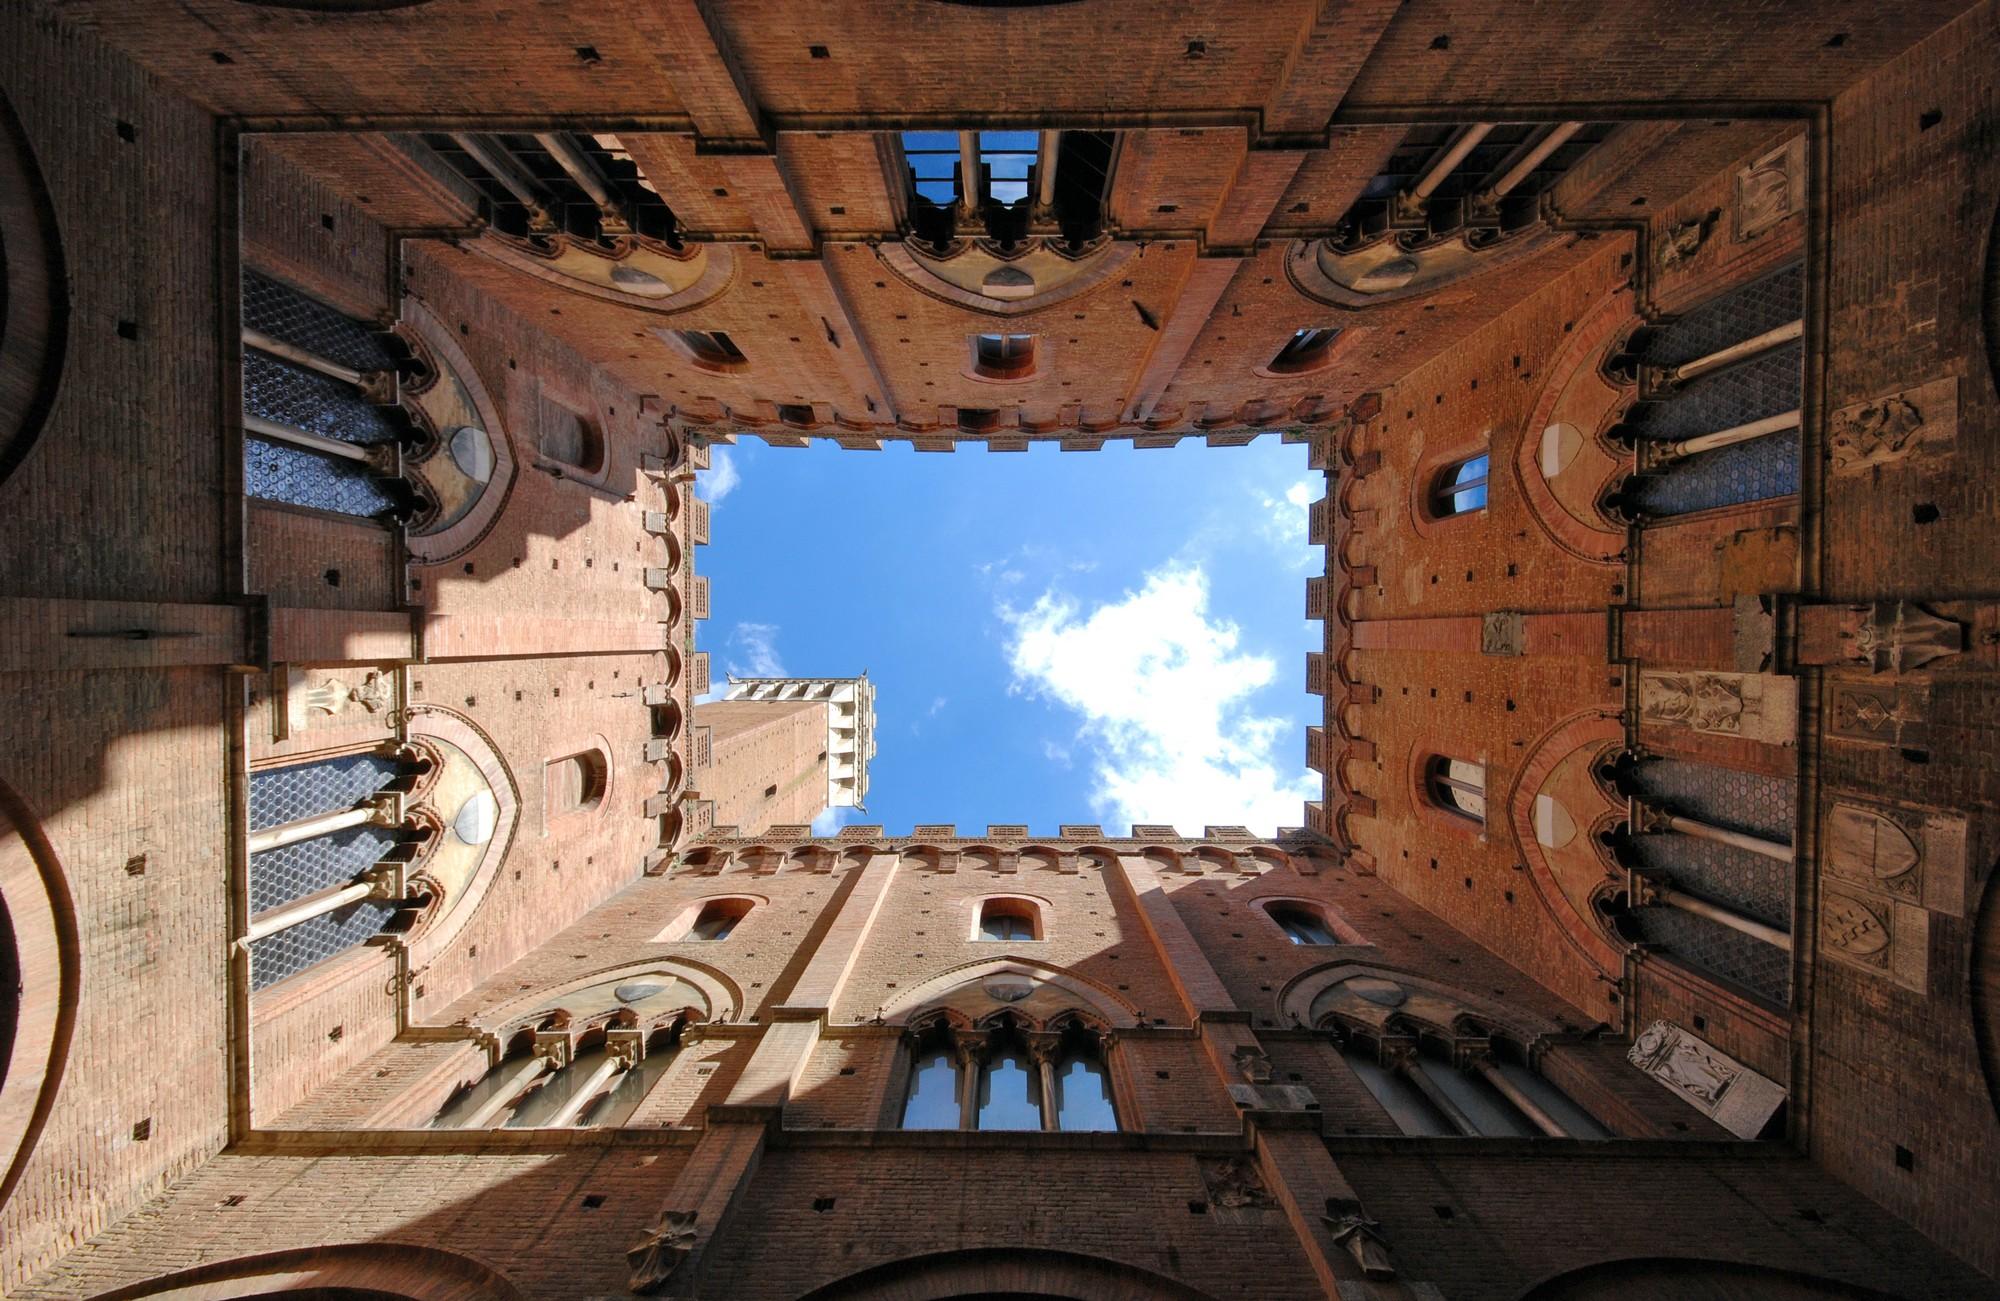 Torre del Mangia, Italy